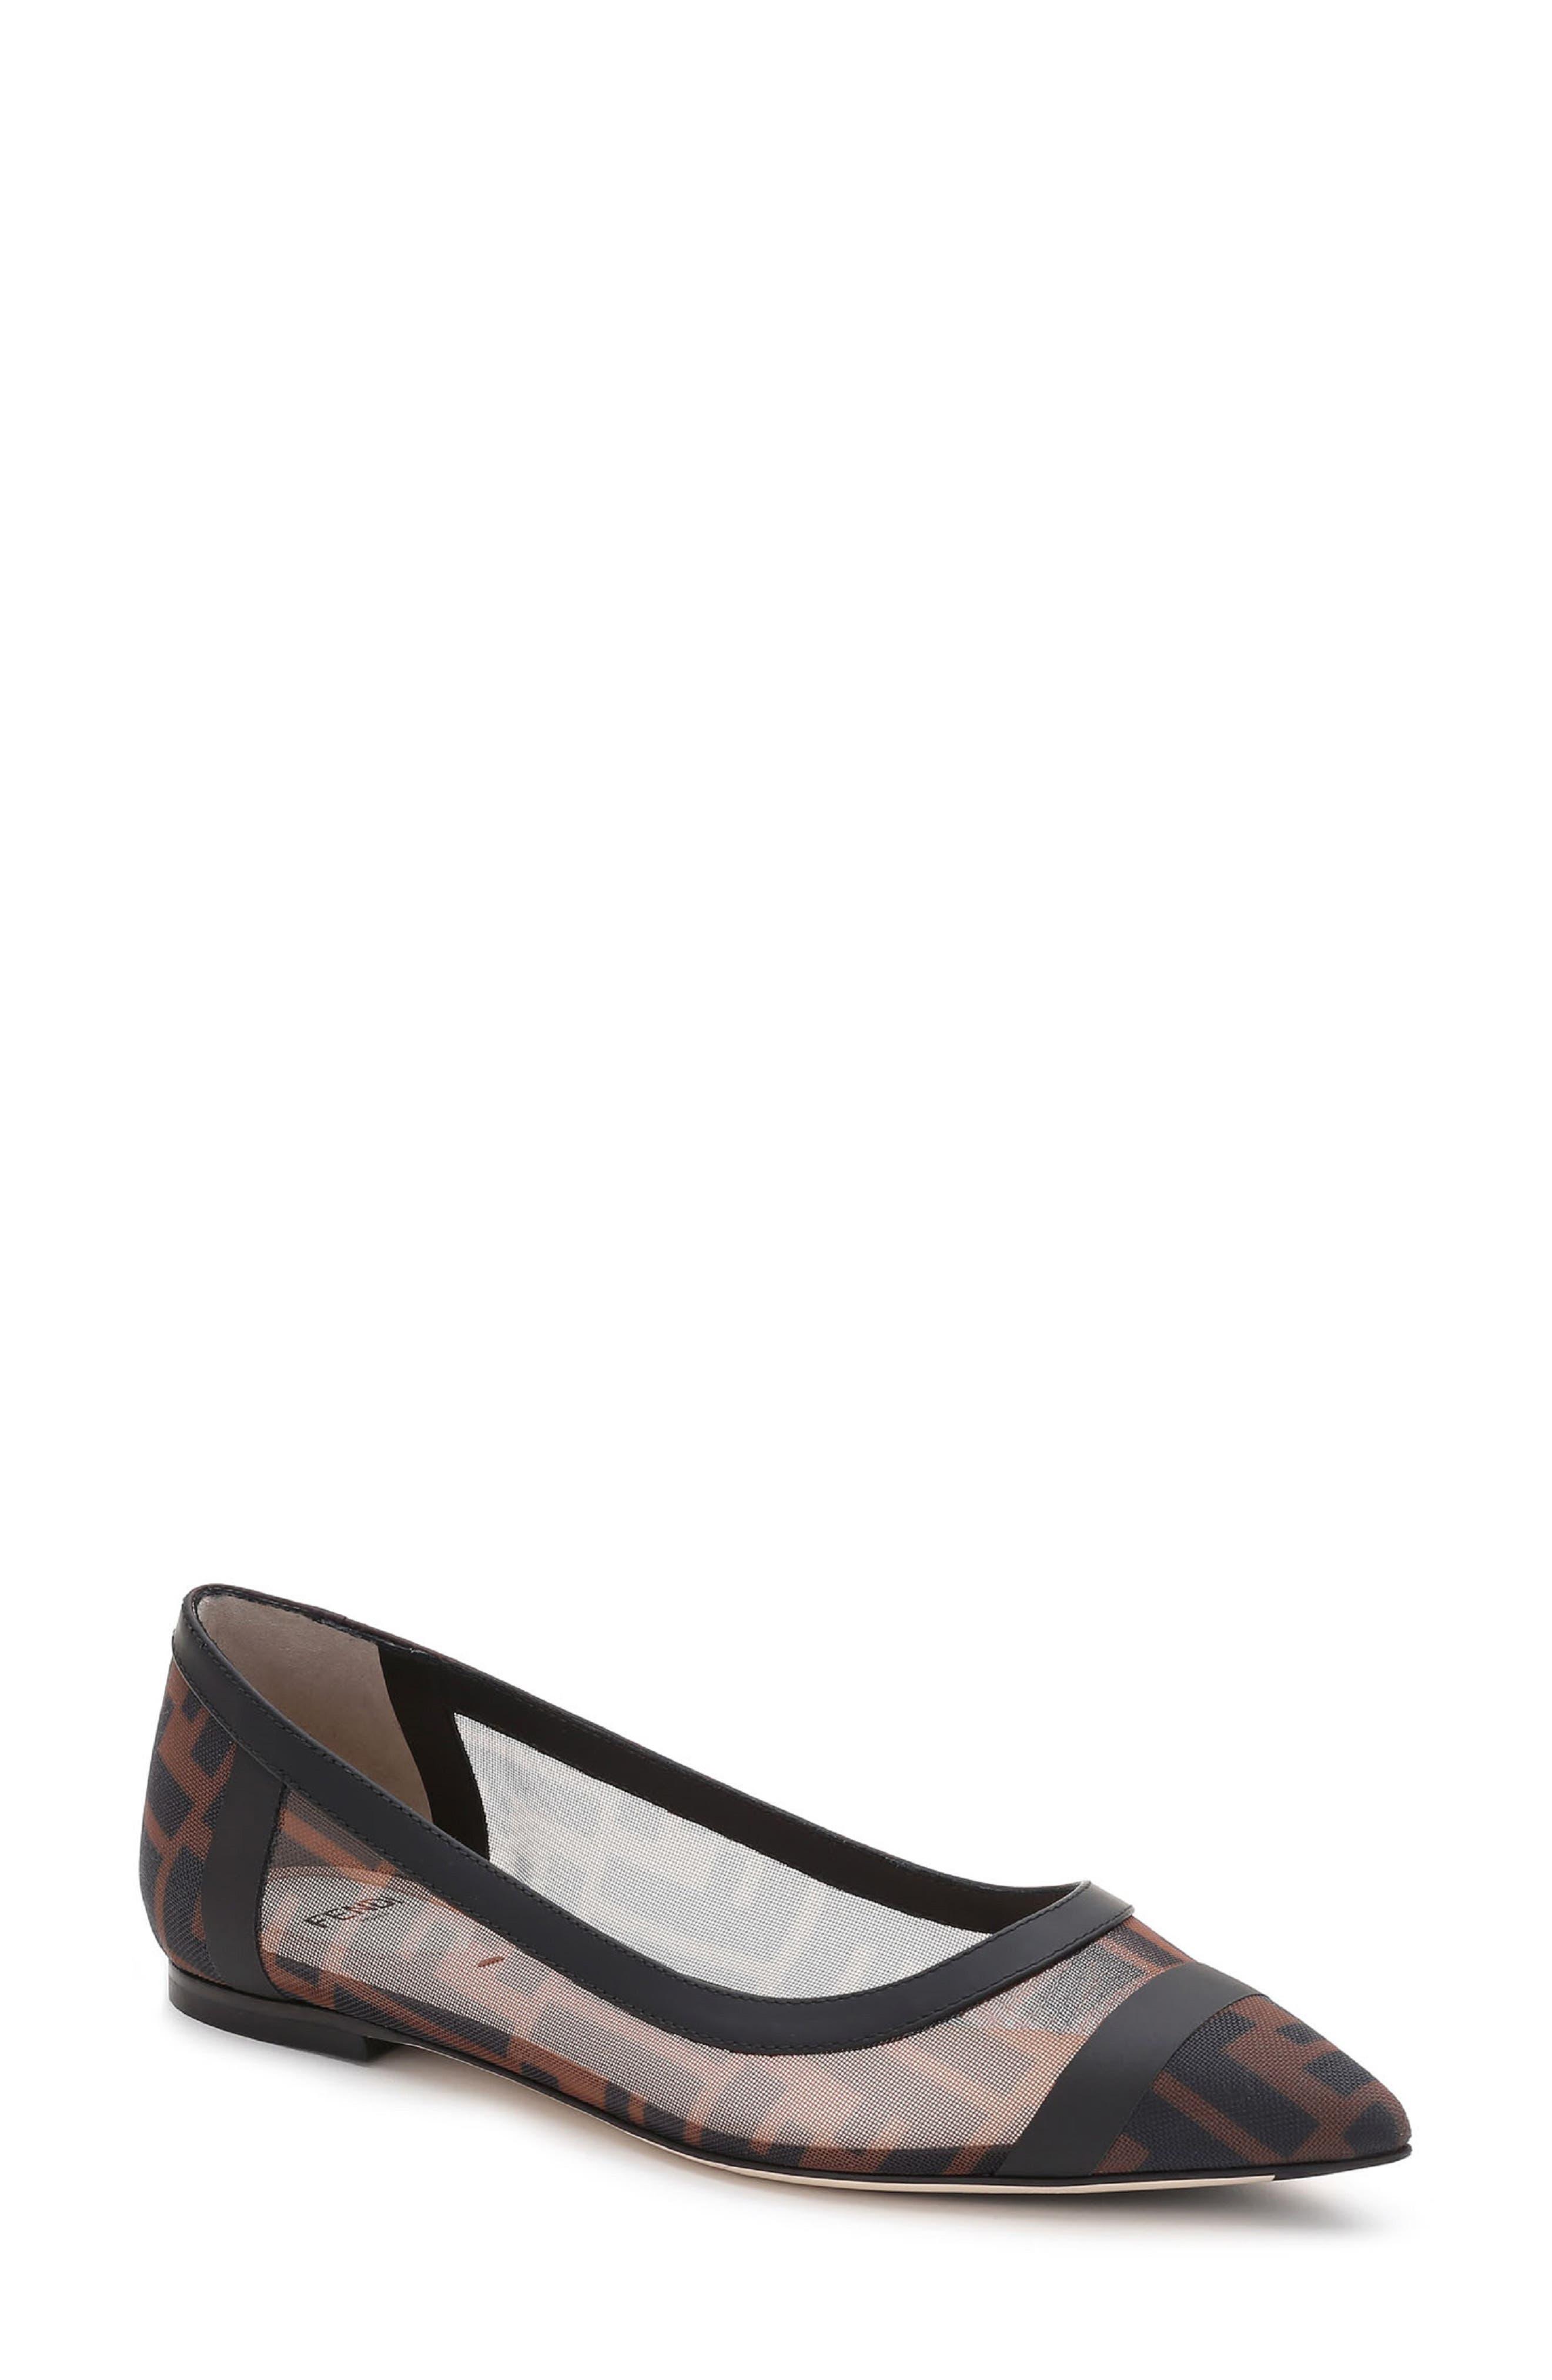 Fendi Flats \u0026 Ballet Flats | Nordstrom